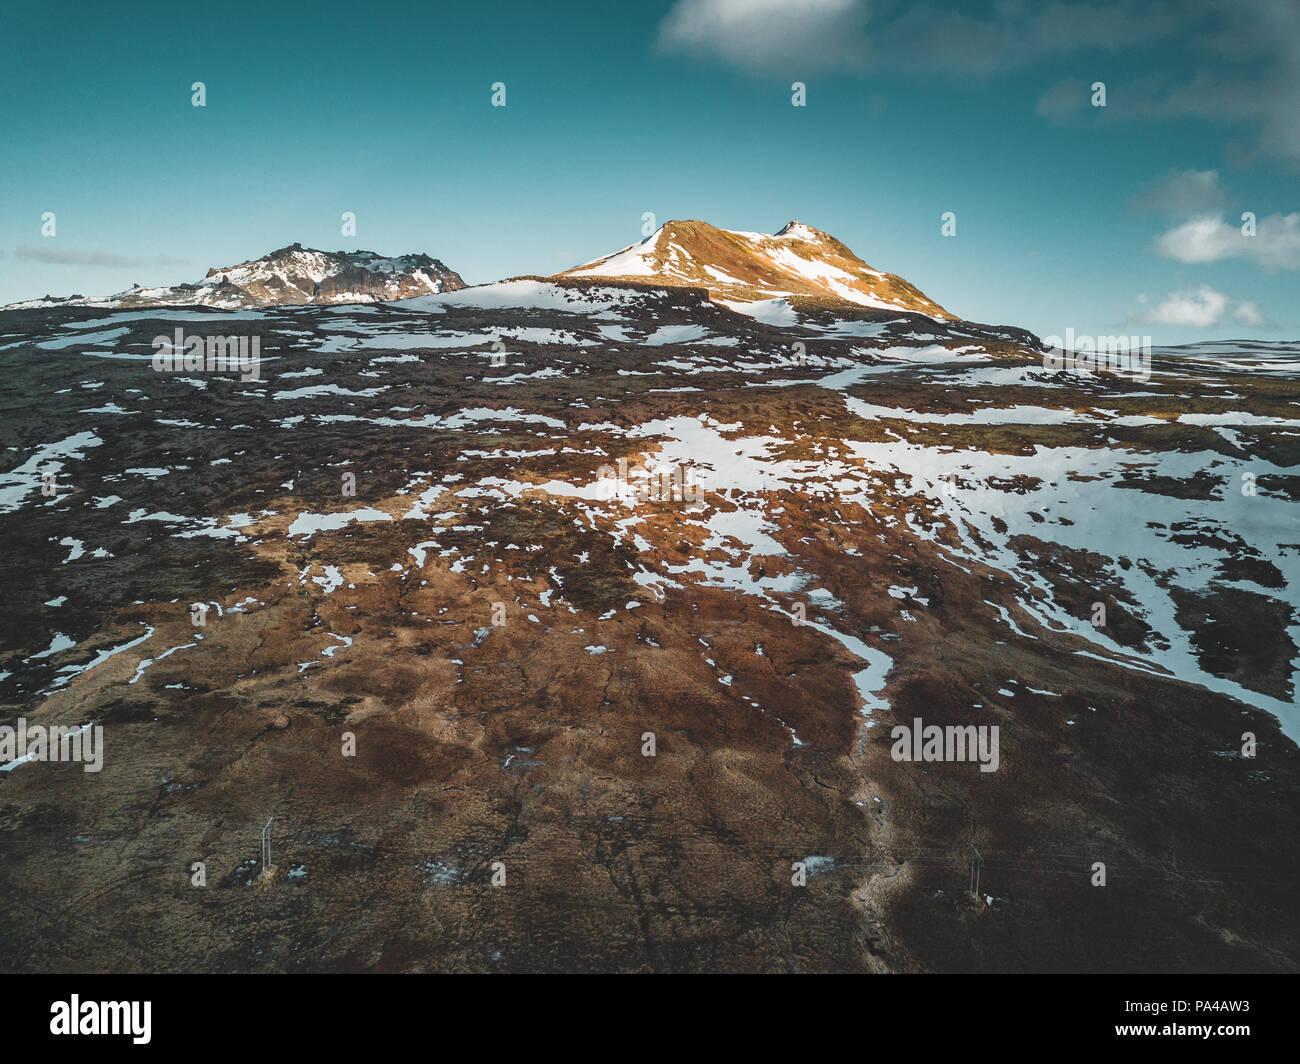 Antenne drone Foto von einem leeren See eine riesige vulkanische Berg Snæfellsjökull in der Ferne, Reykjavik, Island. Stockbild